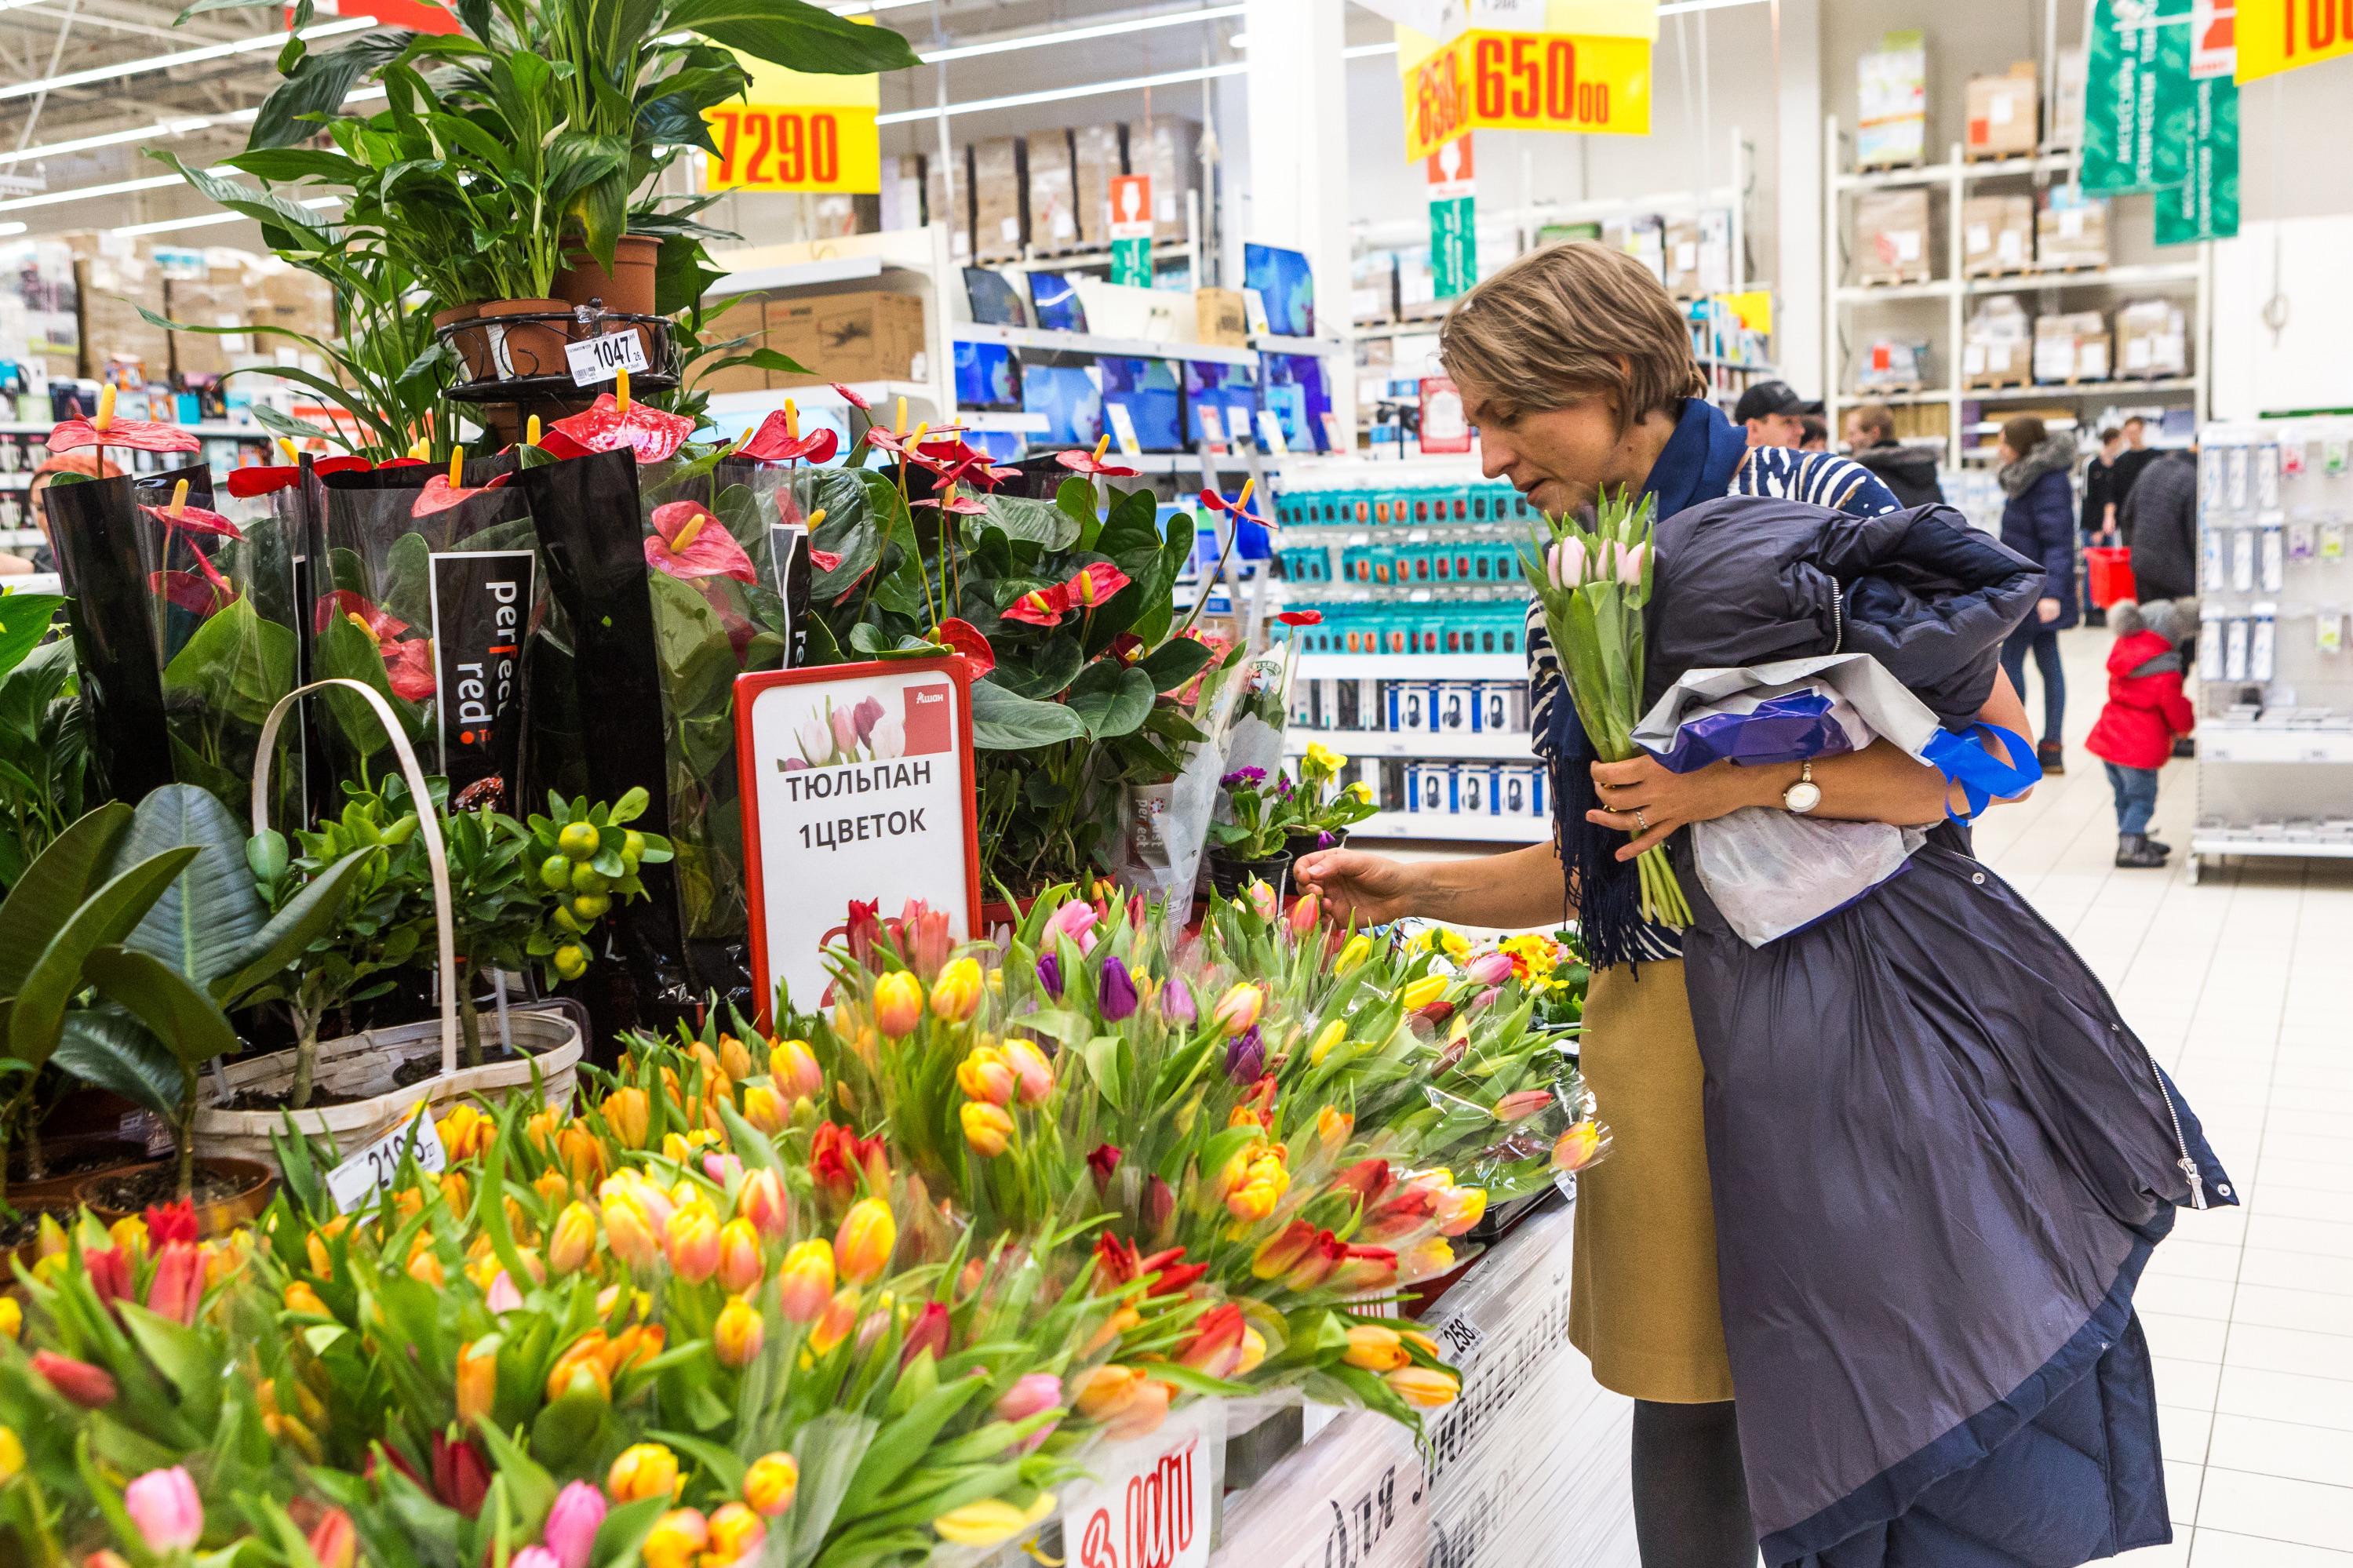 Тюльпанов день: цветы, алкоголь и странные подарки — магазины устроили распродажу в честь 8 Марта